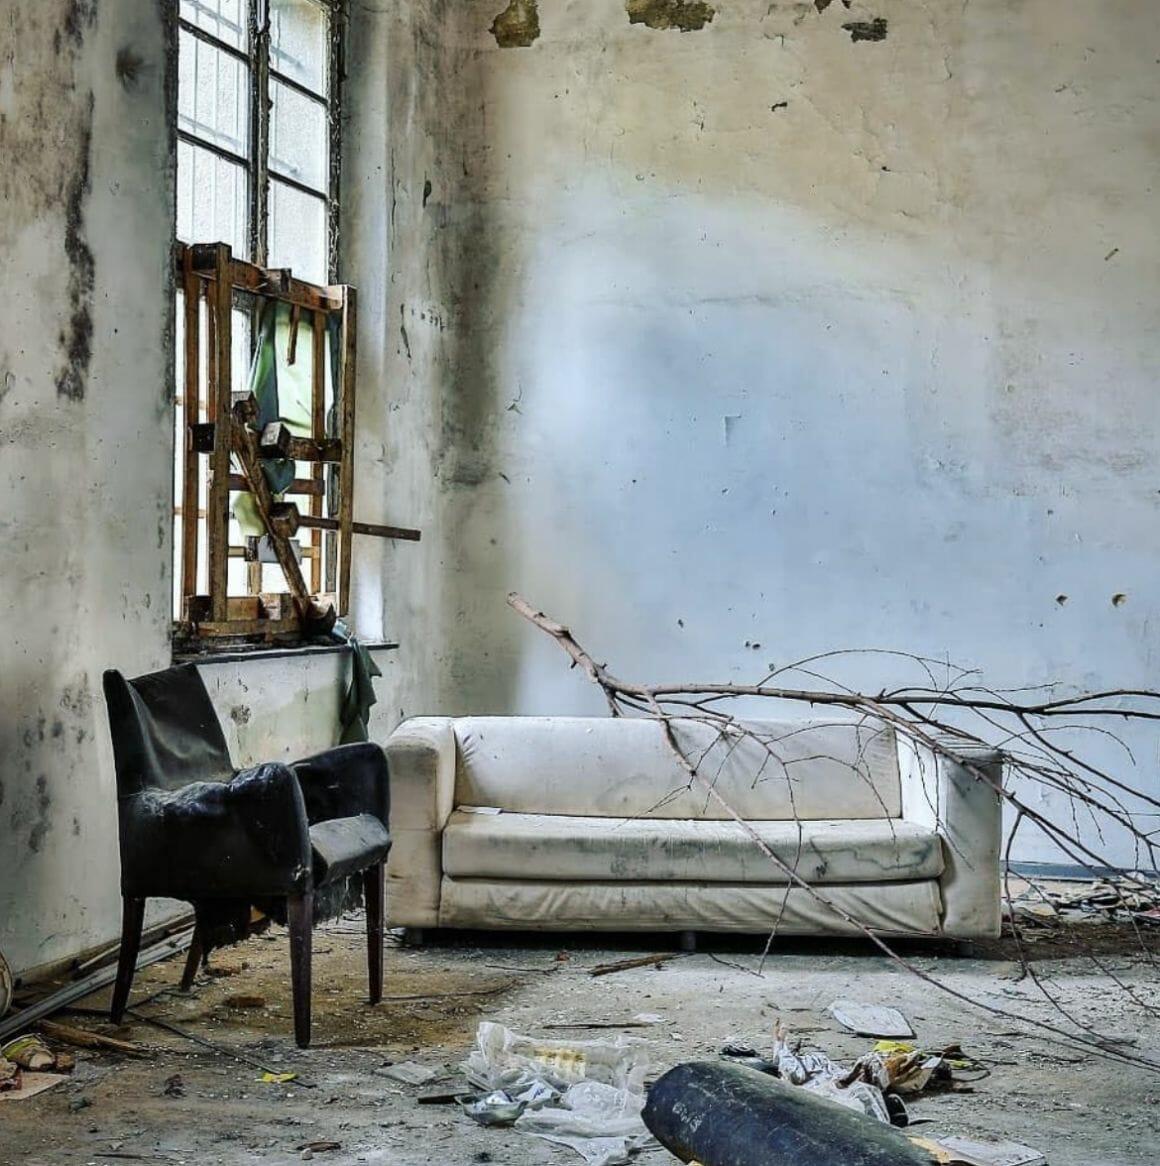 photographie d'un canapé prise par revierstrolch